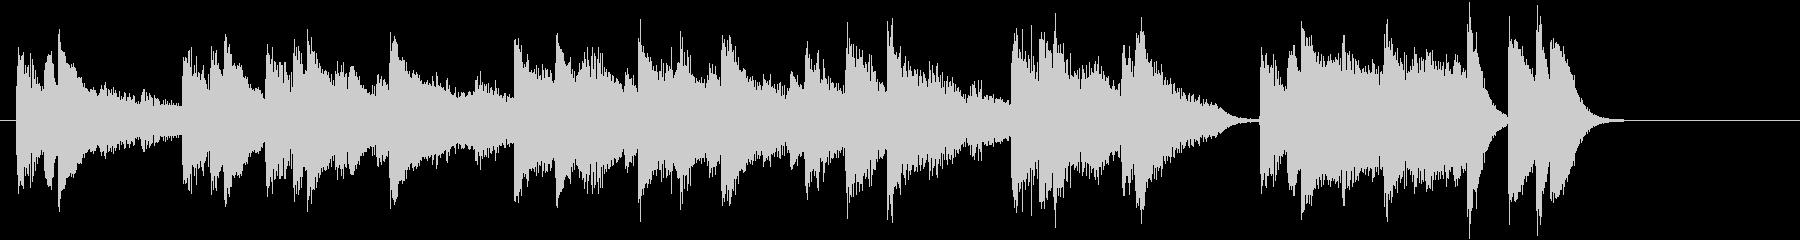 「乾杯の歌」モチーフのピアノジングルAの未再生の波形